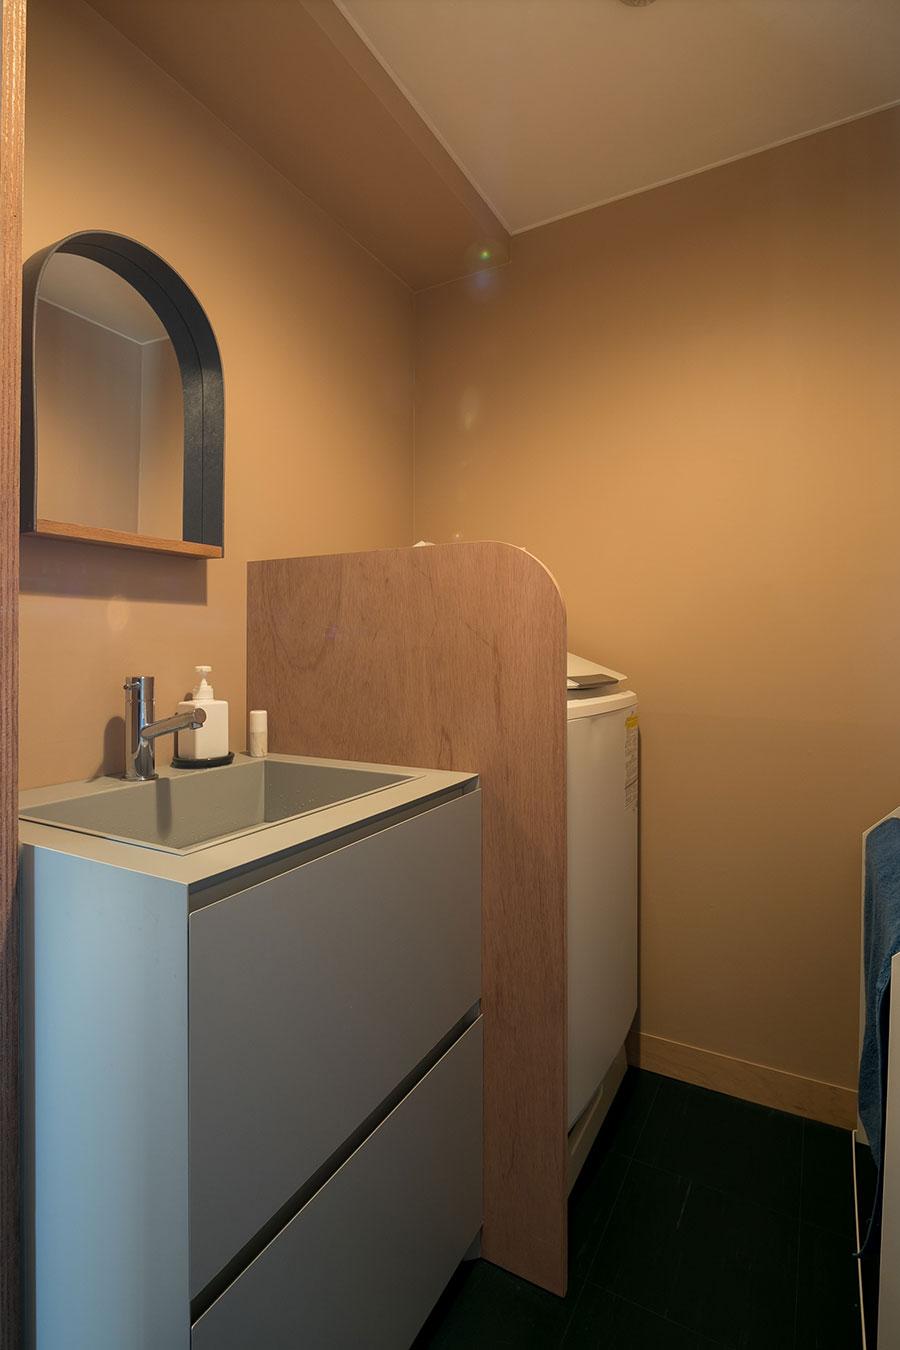 ミニマルなデザインの洗面台はサンワカンパニー。